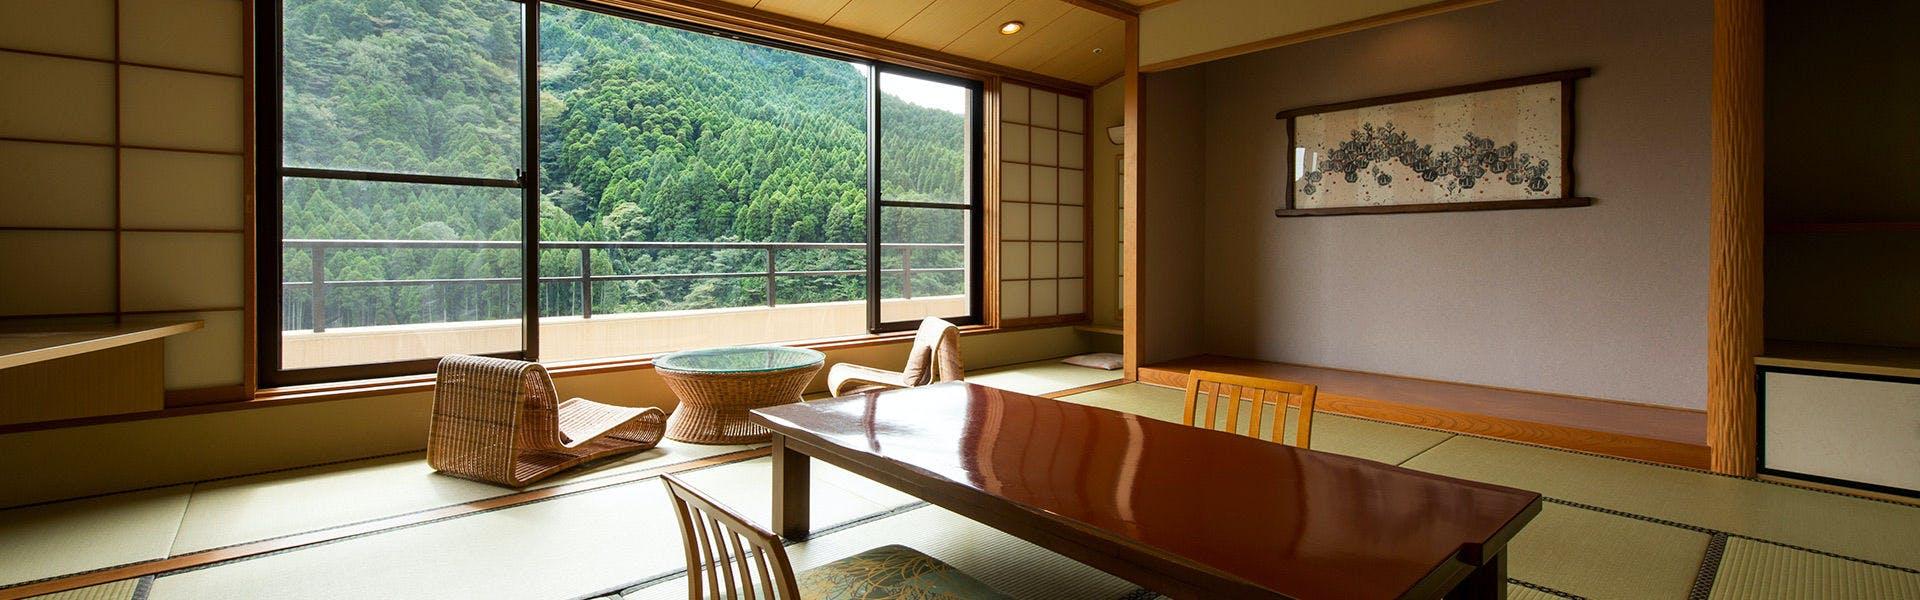 記念日におすすめのホテル・【古湯温泉 ONCRI / おんくり】の写真2